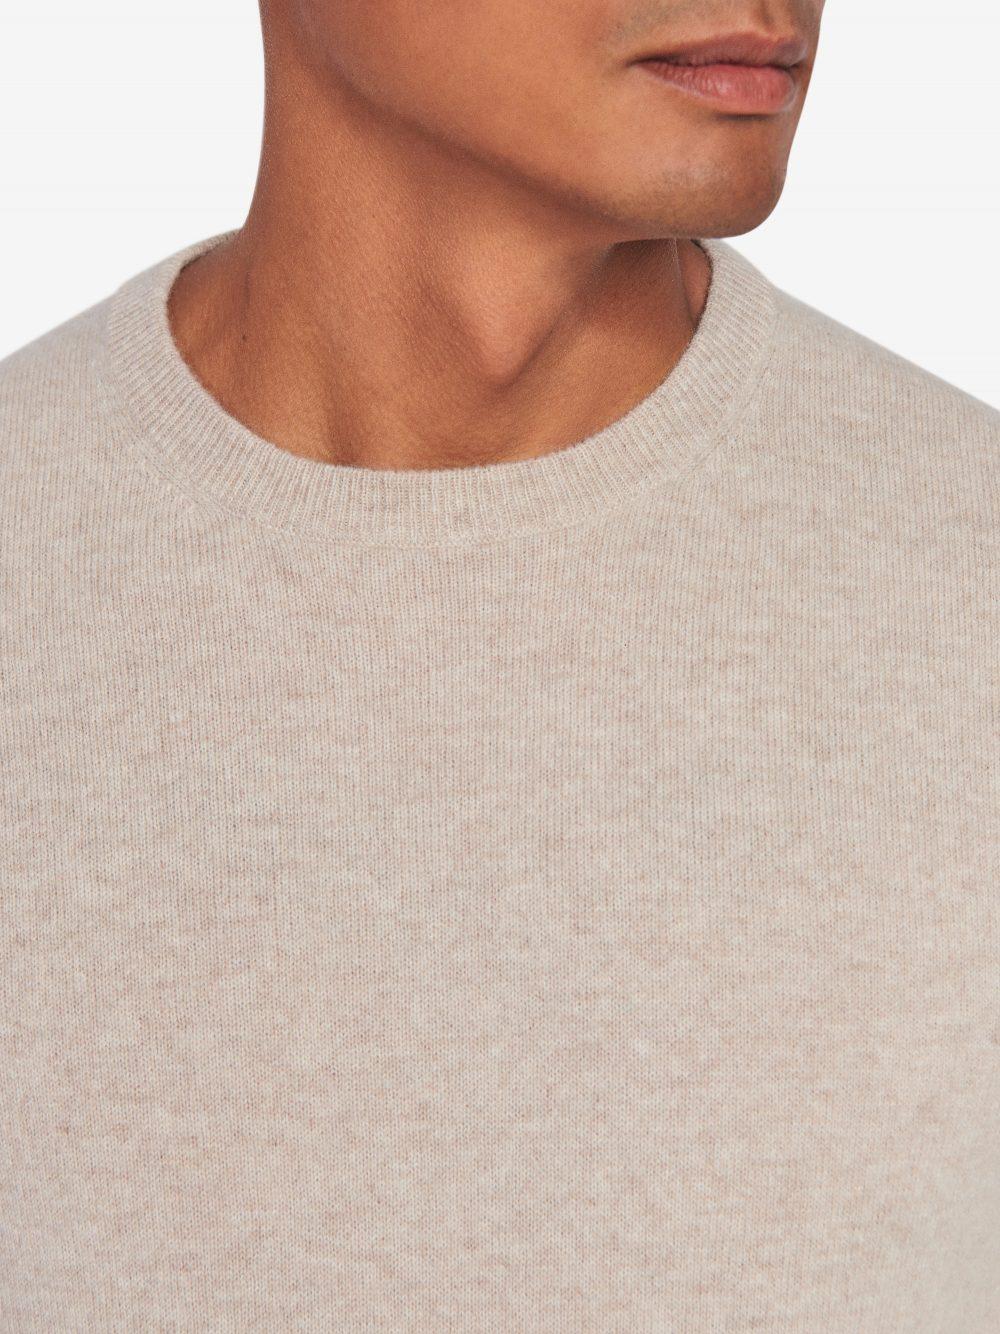 cashmere truien mannen no label MAN MAN